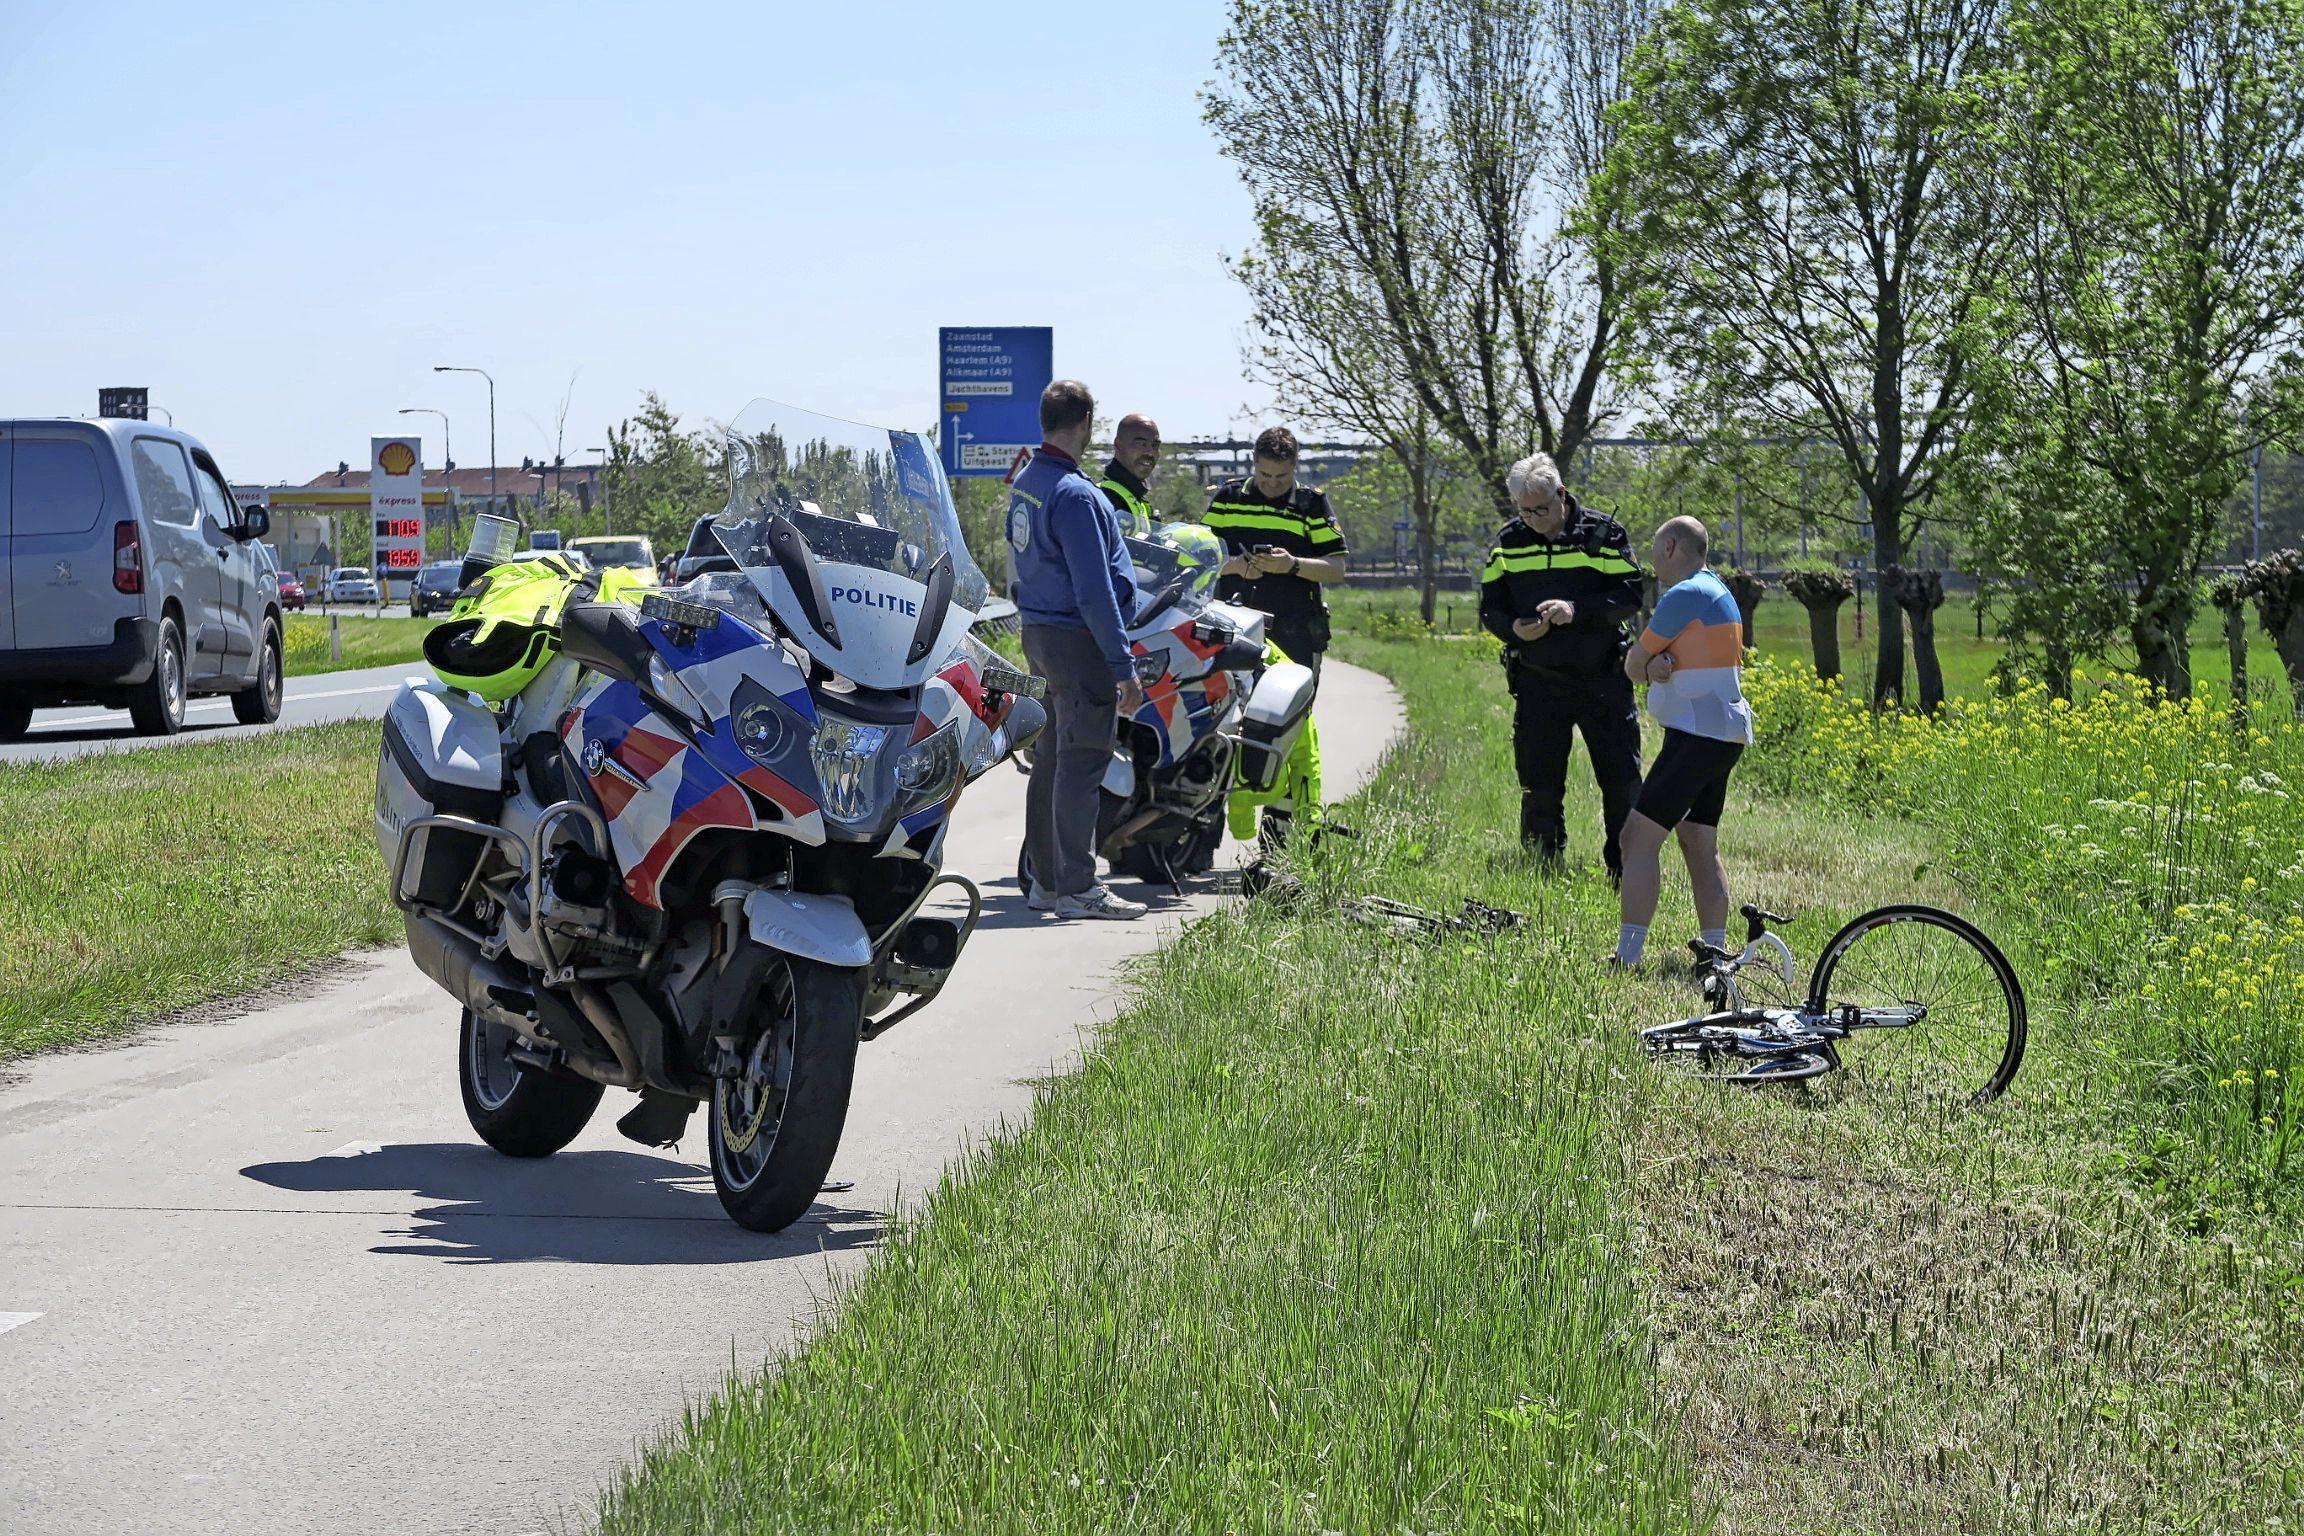 Wielrenner gewond bij botsing met brommer in Uitgeest, tegenpartij verlaat plaats van ongeval